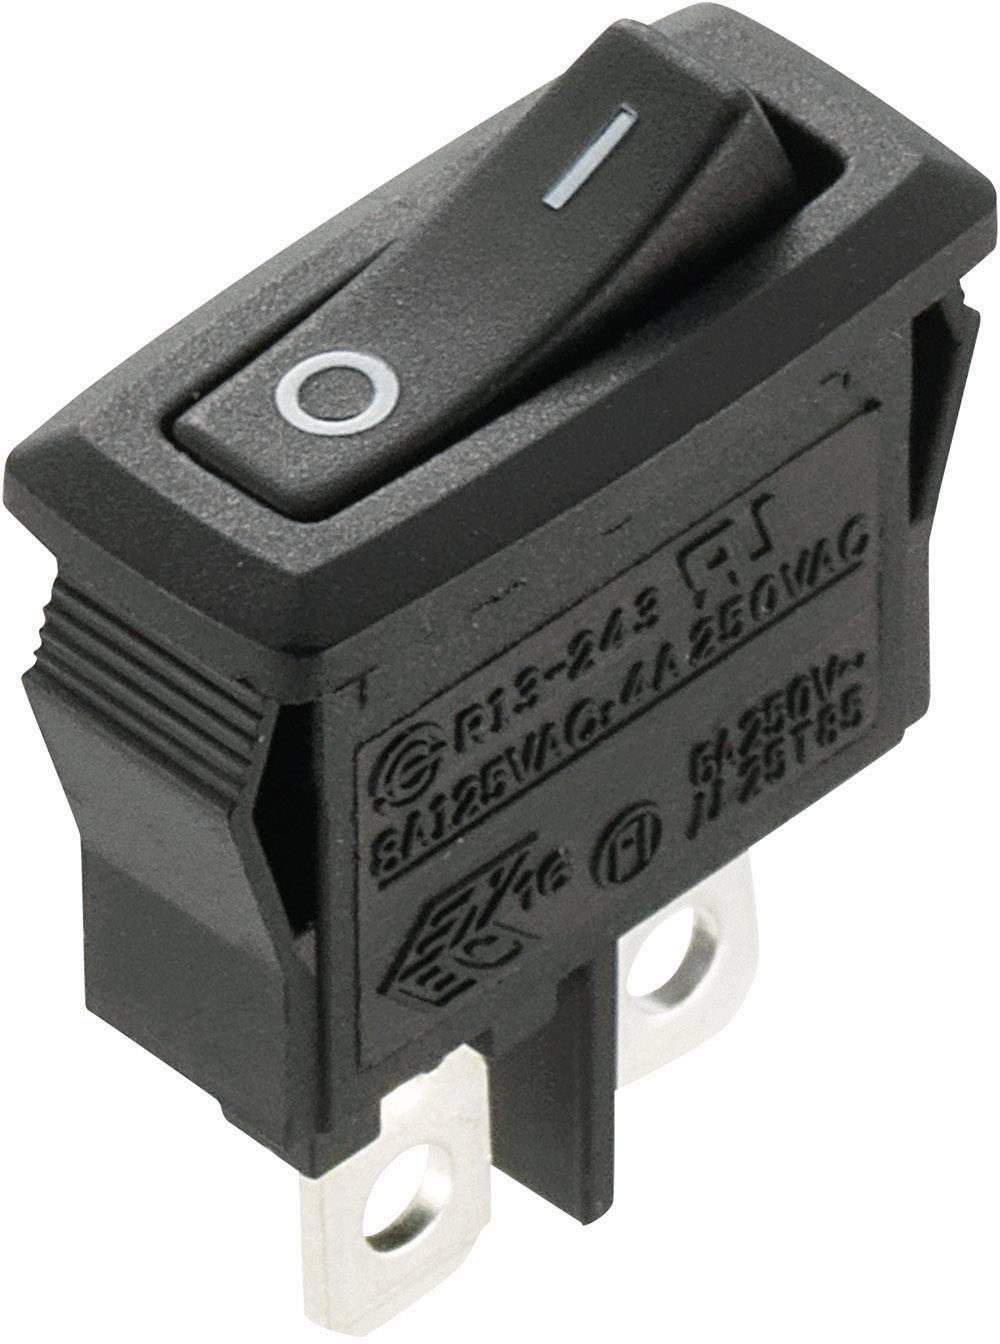 Kolískový spínač s aretáciou SCI R13-243A-02, 250 V/AC, 4 A, 1x vyp/zap, 1 ks